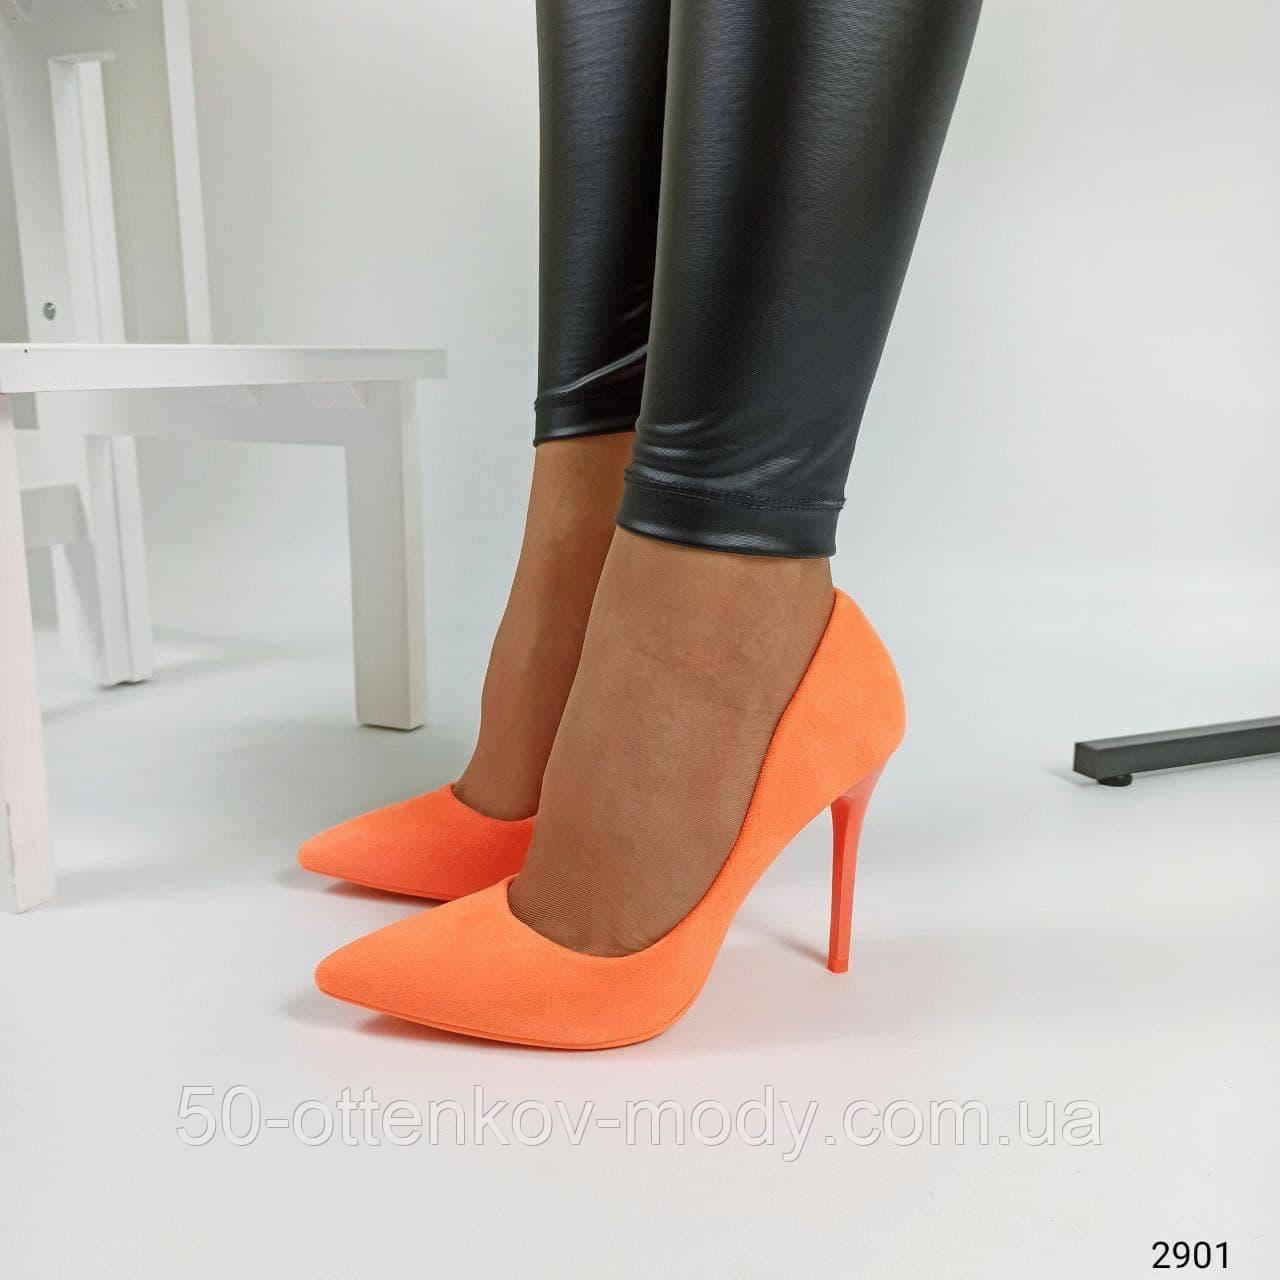 Жіночі туфлі човники неонові жовті помаранчеві, ХІТ ЛІТА!!!